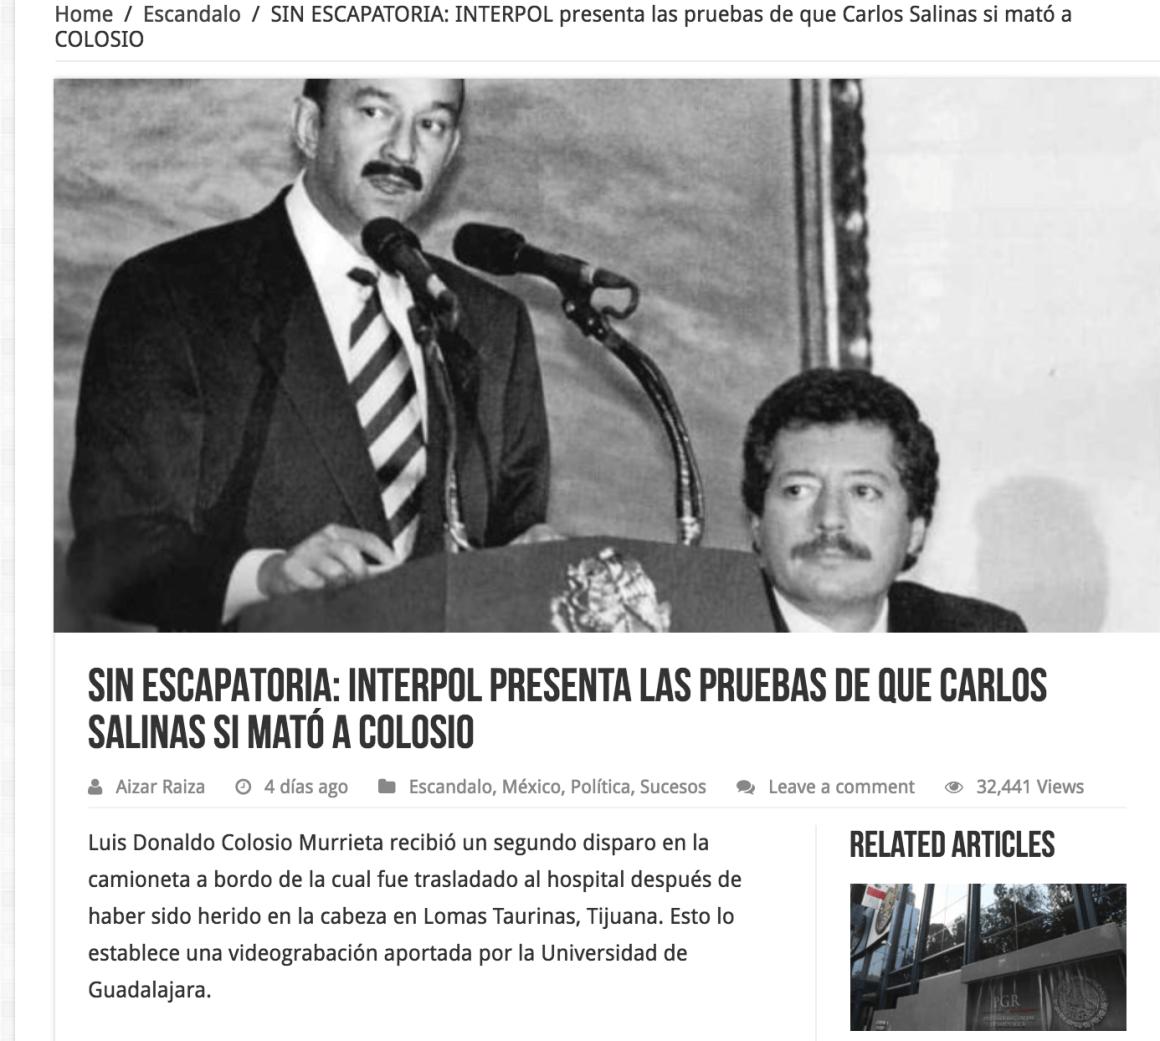 Dicen que Interpol tiene pruebas de que Salinas mató a Colosio, pero es